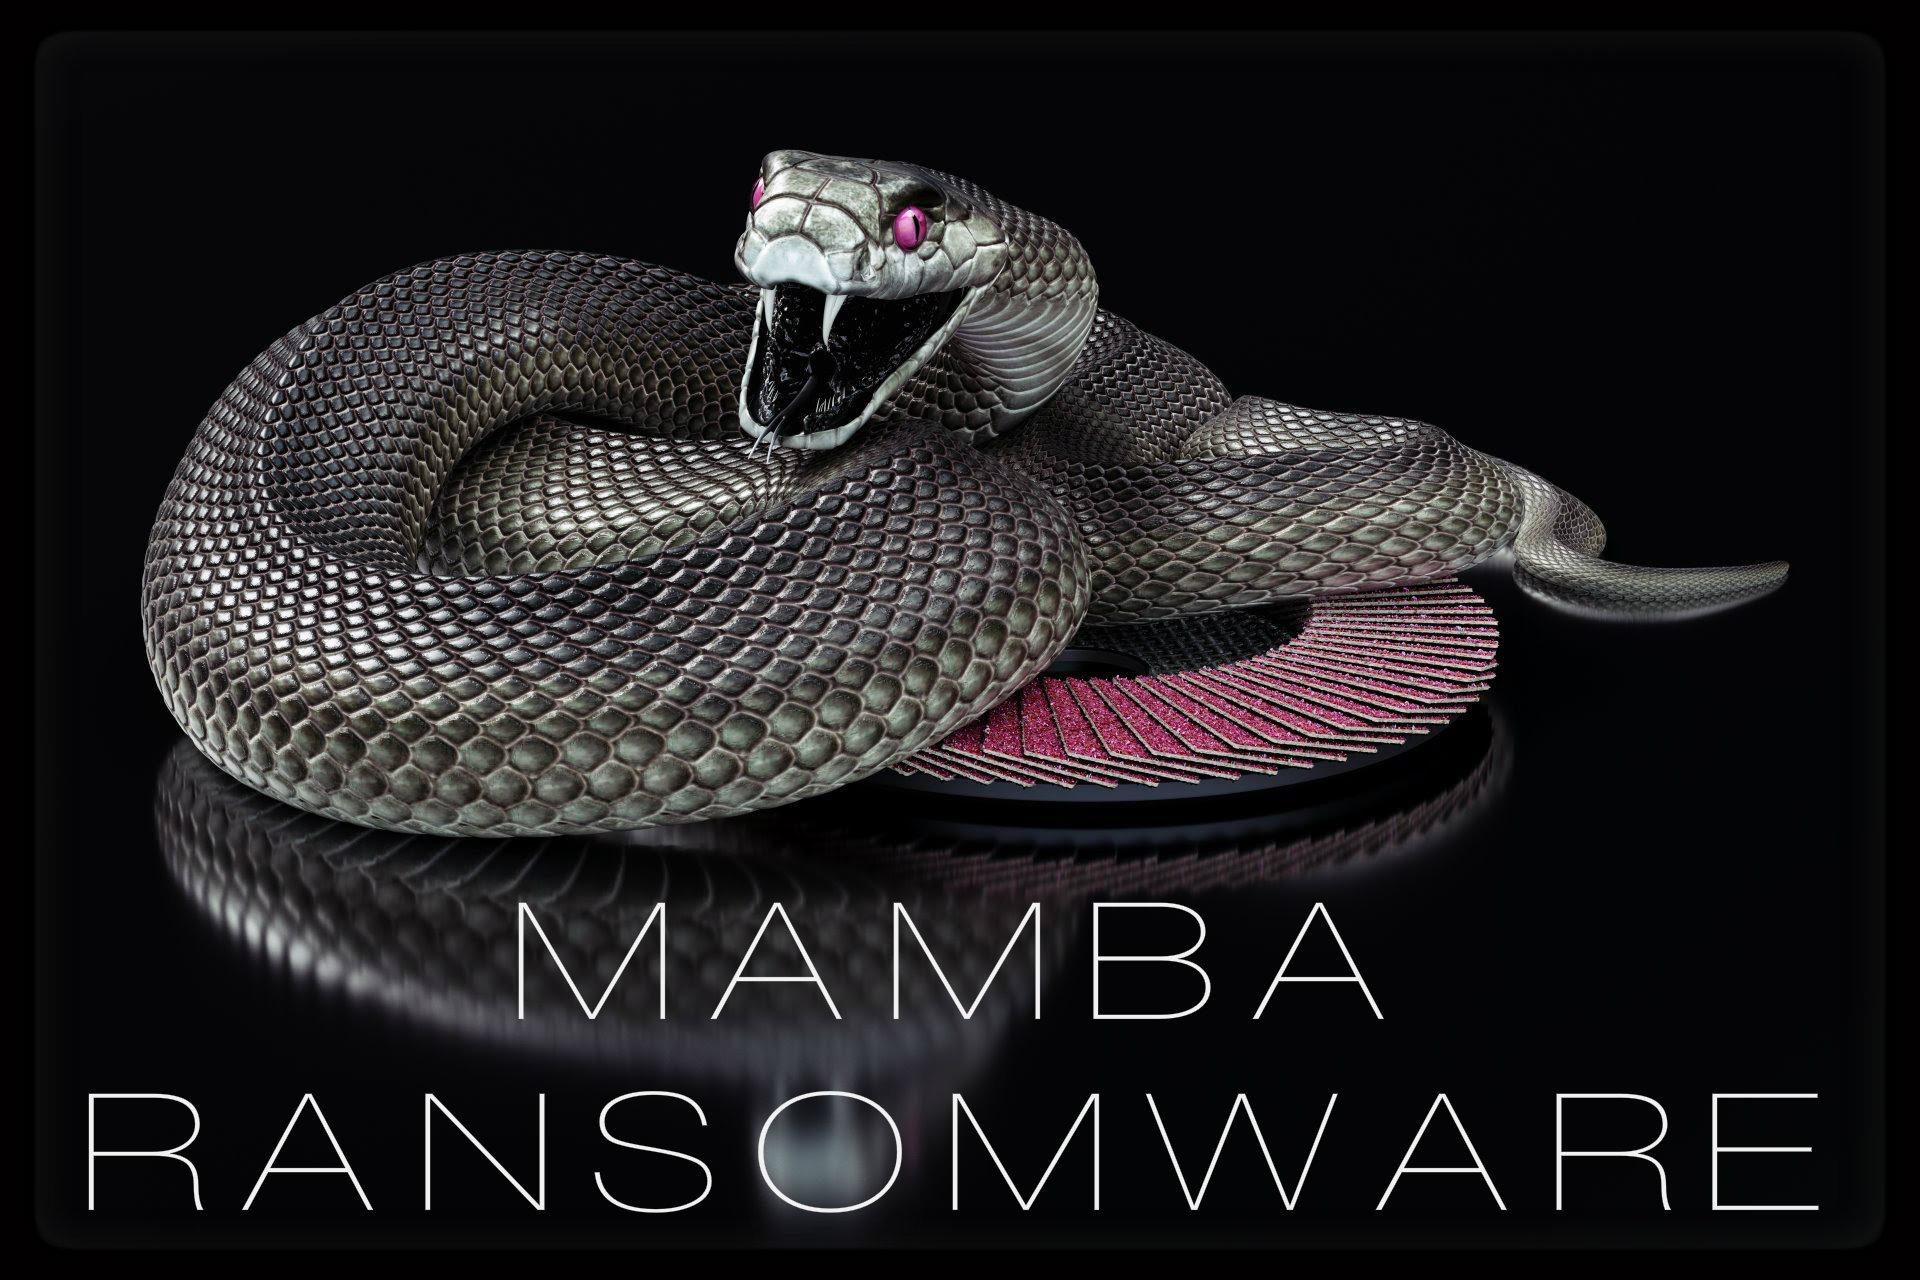 Mamba Ransomware Image